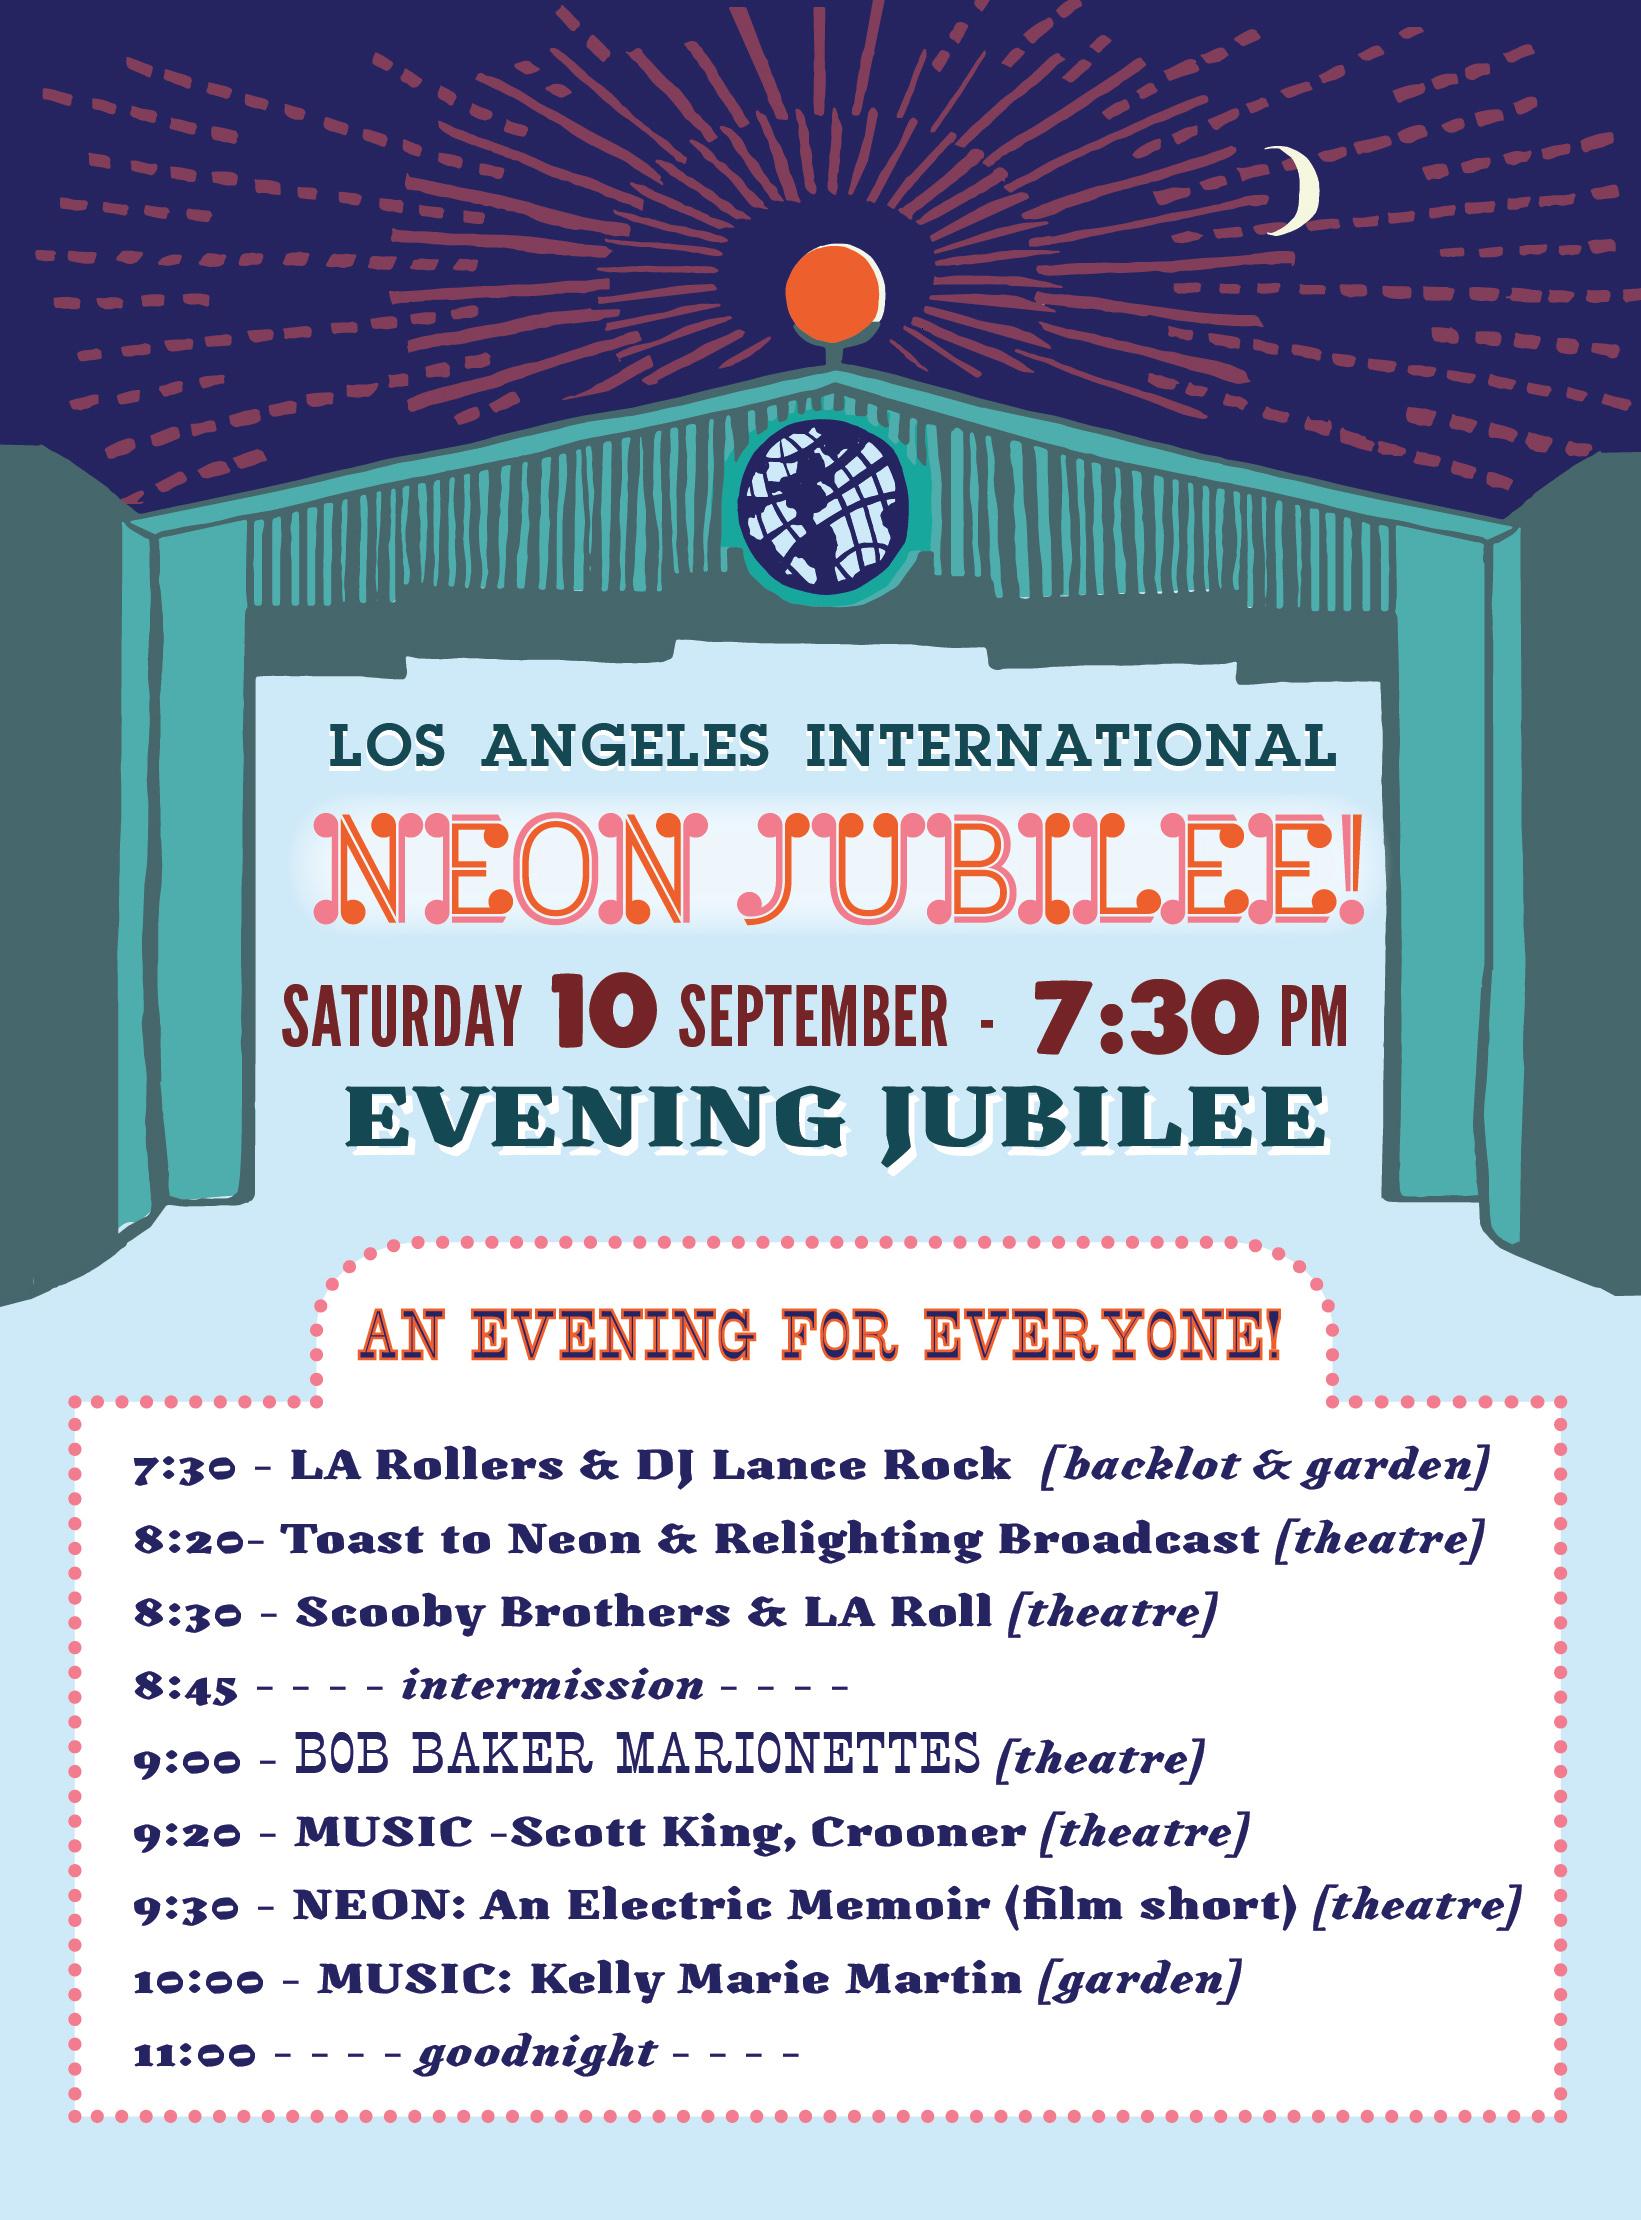 Evening Jubilee Schedule